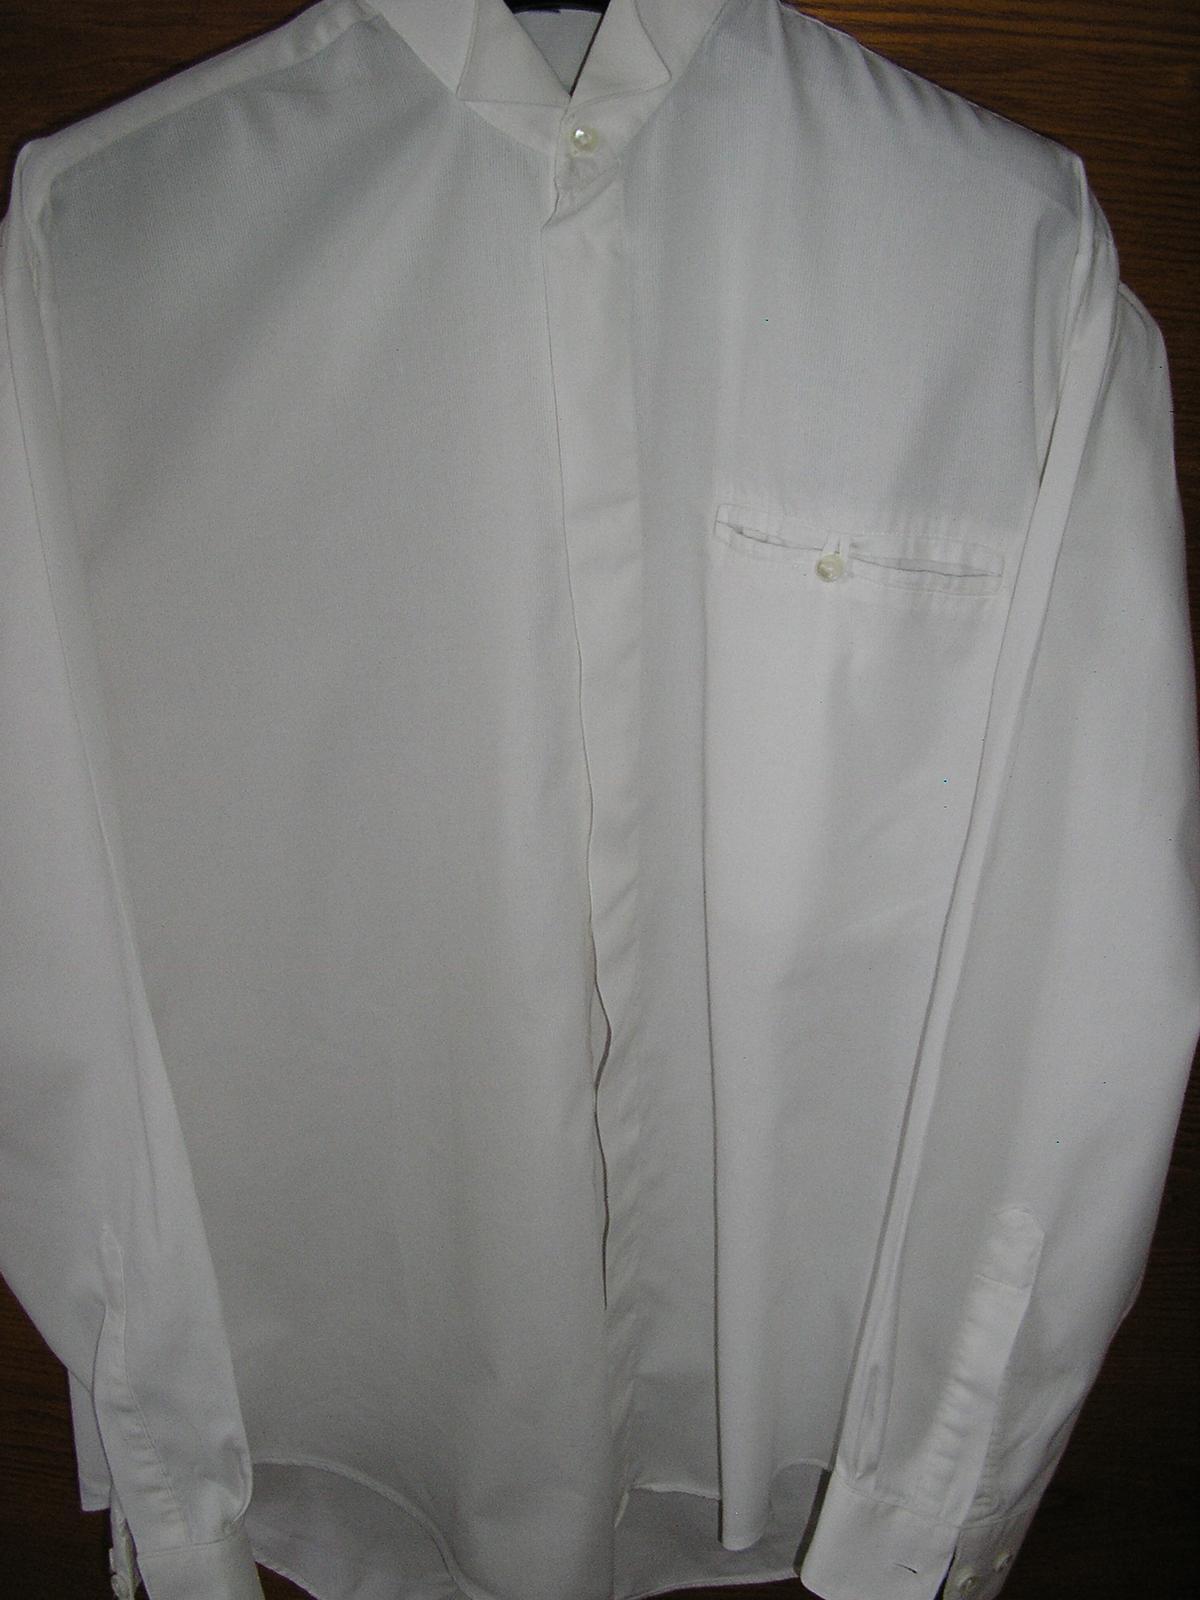 488. Spoločenská košeľa - Obrázok č. 1